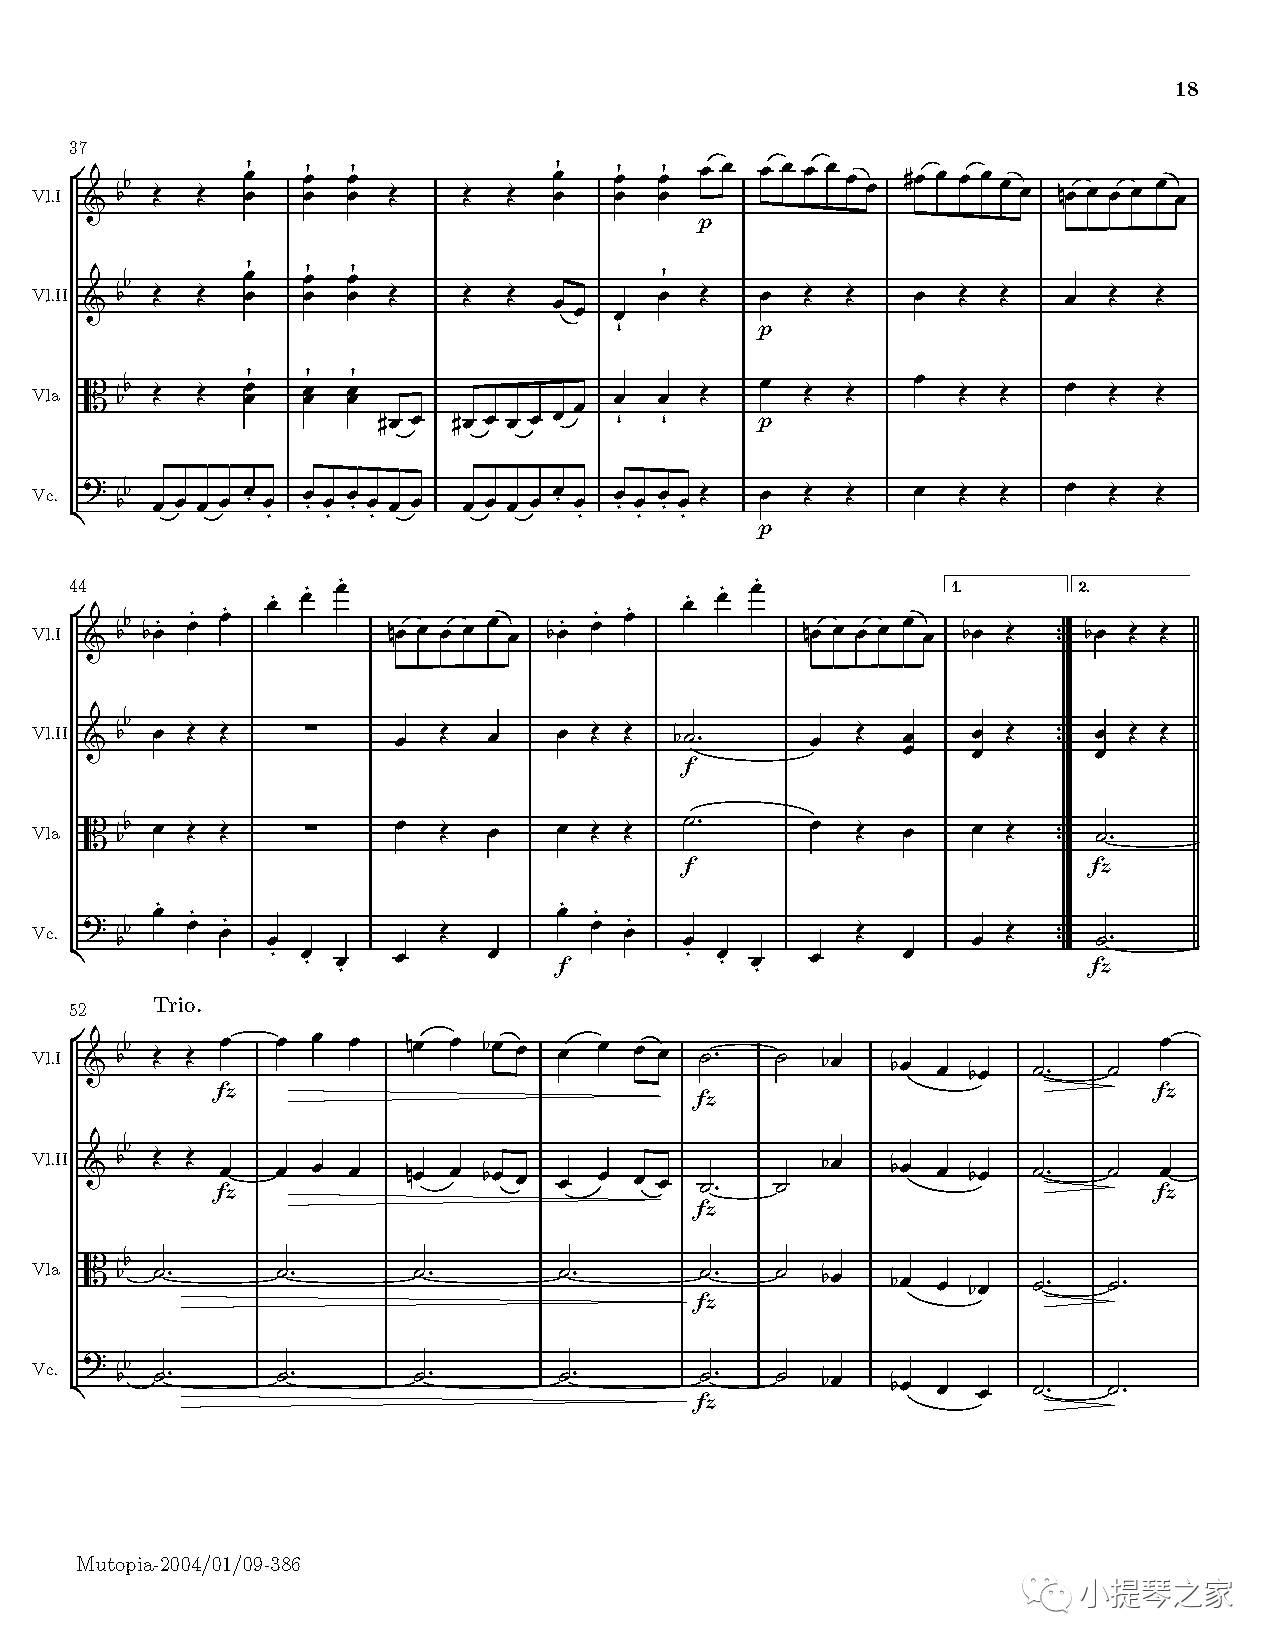 弦乐四重奏《日出》附小提琴谱-海顿曲